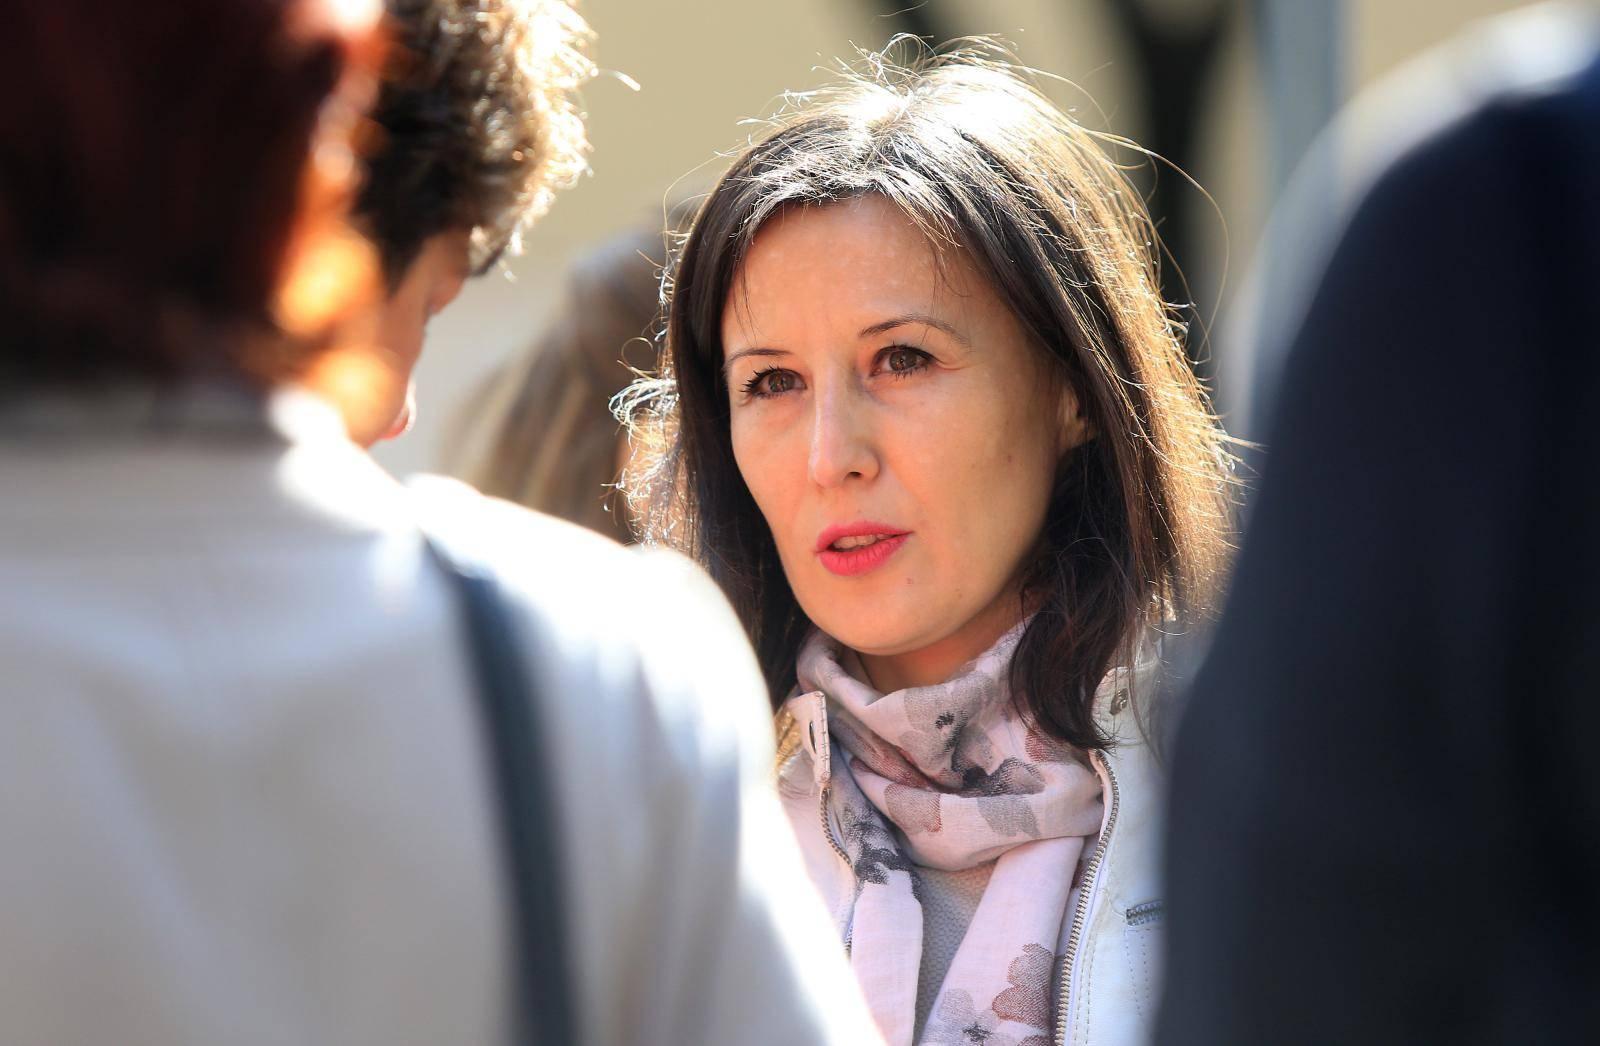 Dalija Orešković se rastaje: 'Ma teže mi je palo što sam prošlog tjedna morala uspavati kujicu'